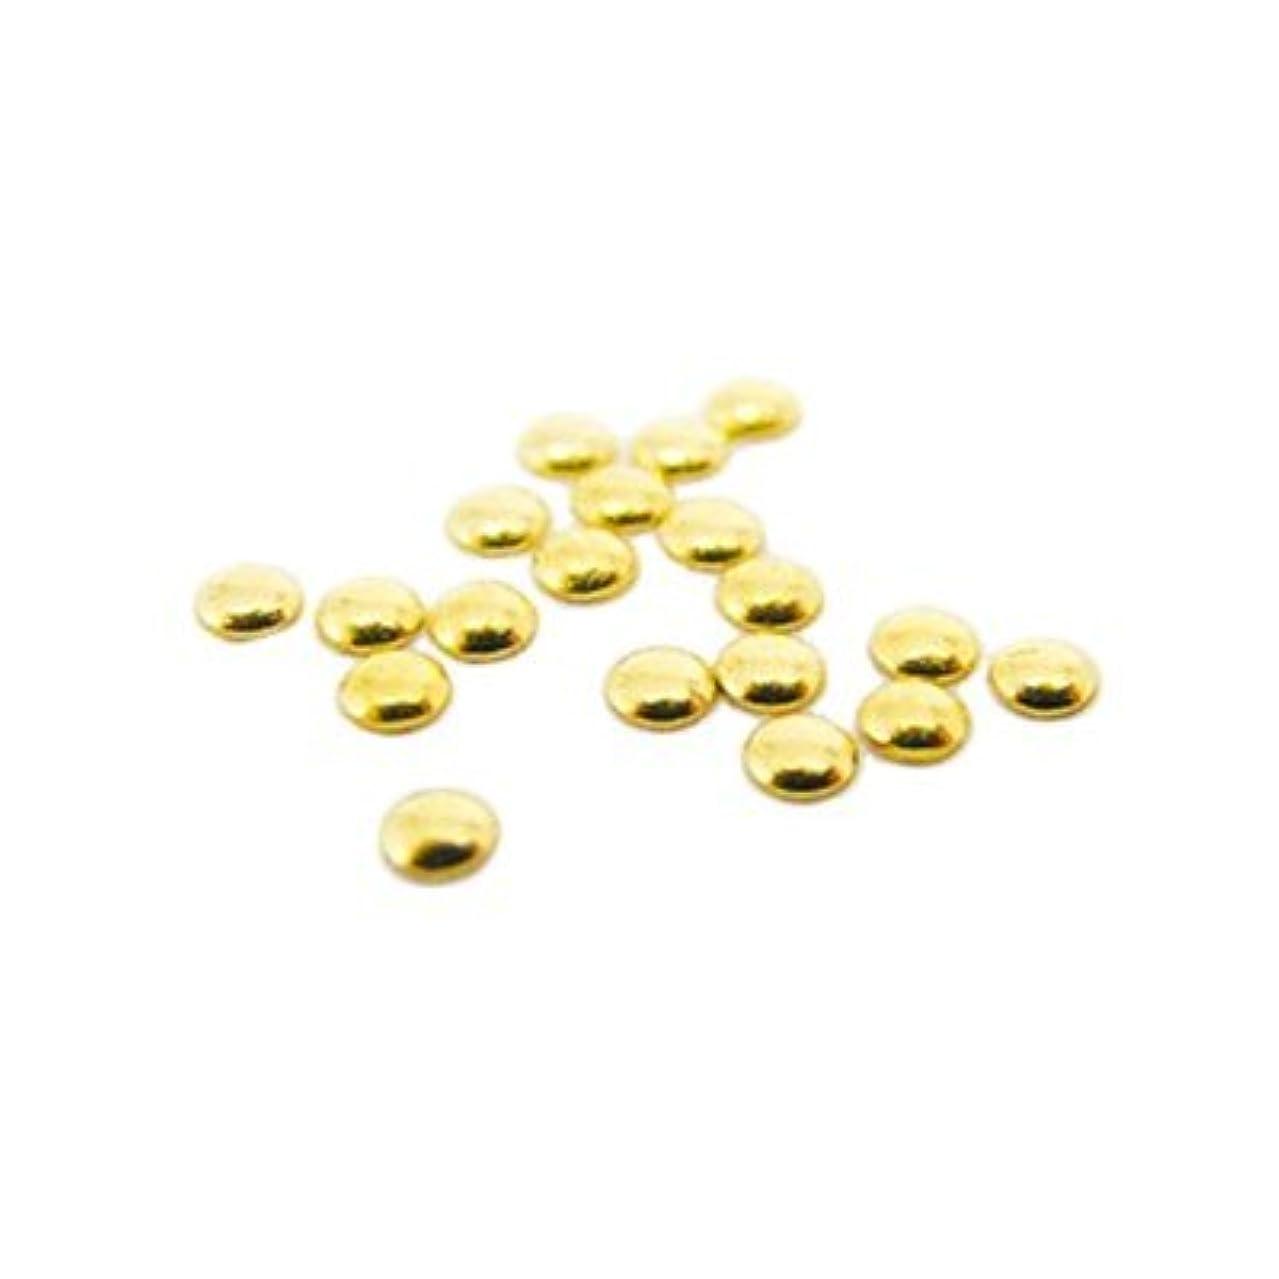 結晶ソビエトタブレットピアドラ スタッズ 1.0mm 500P ゴールド